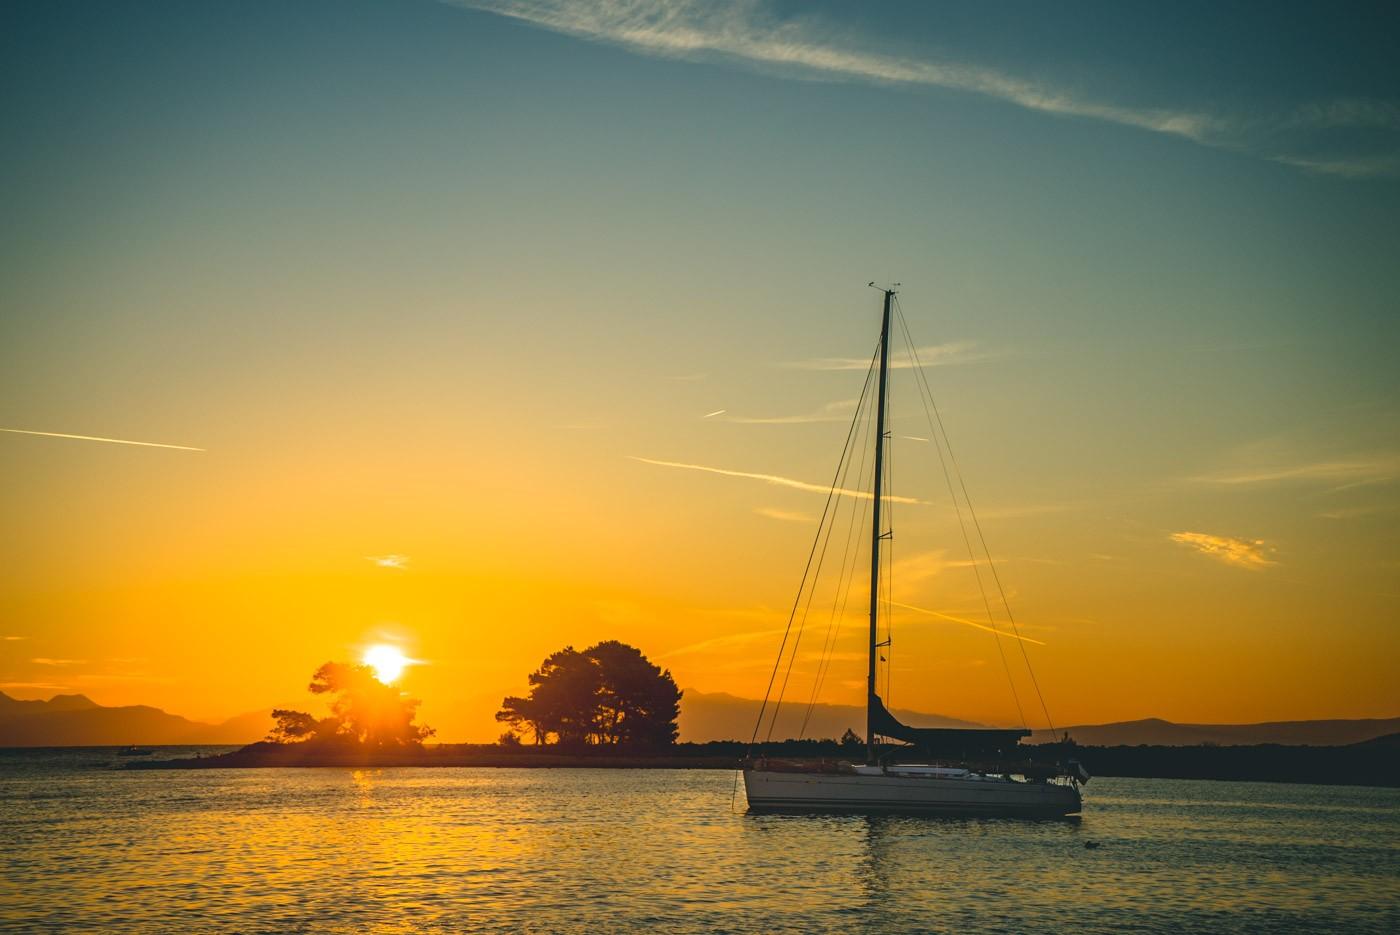 Sunset in the Adriatic Sea